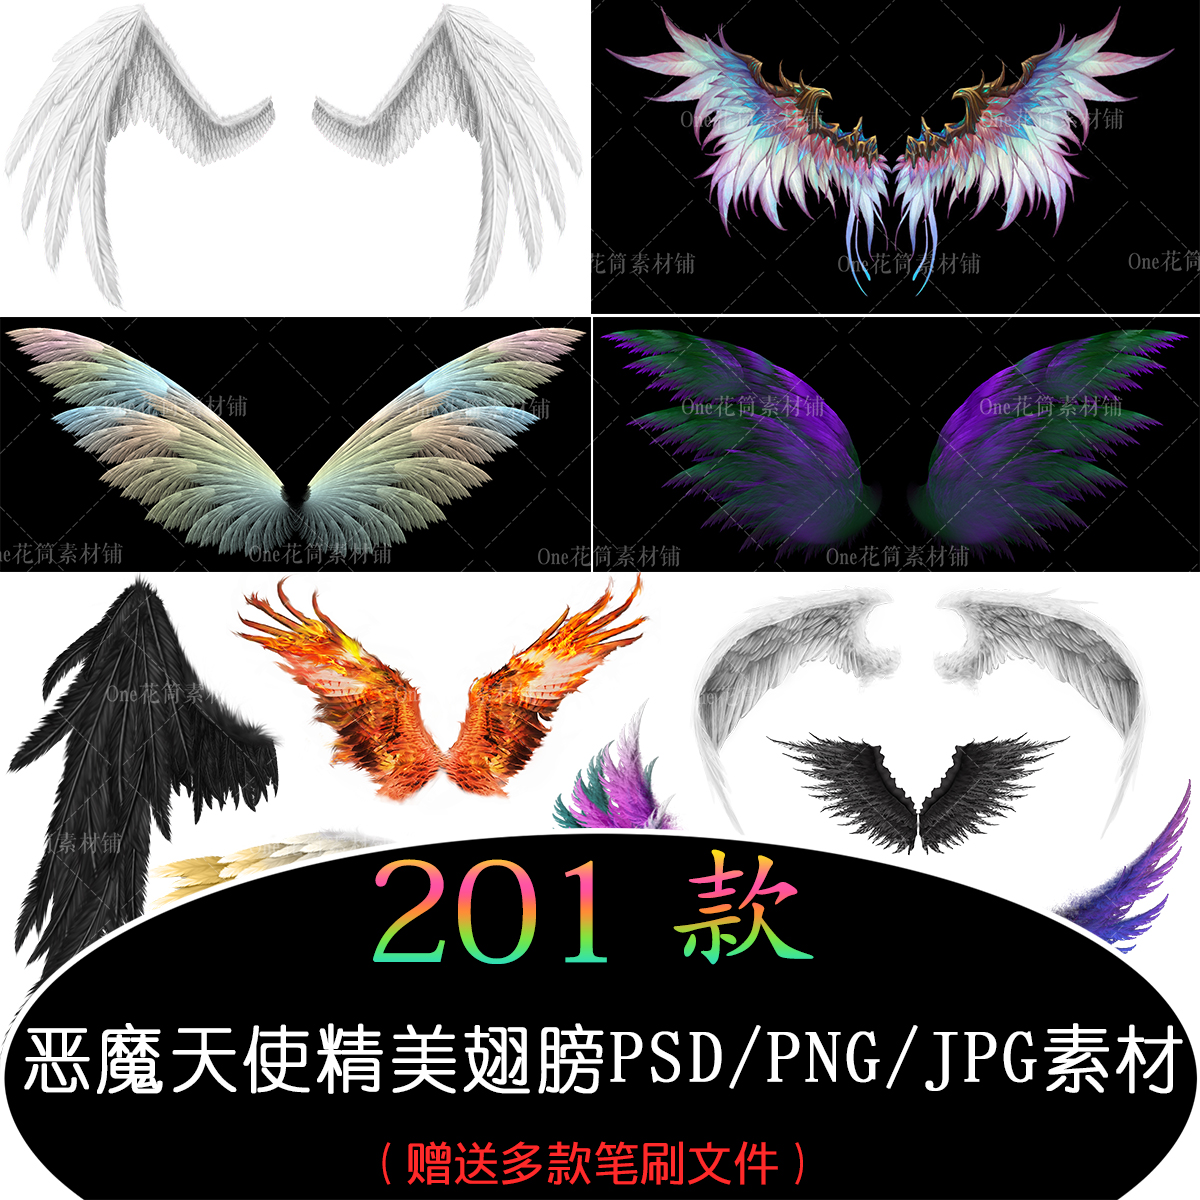 天使恶魔精美翅膀PSD素材